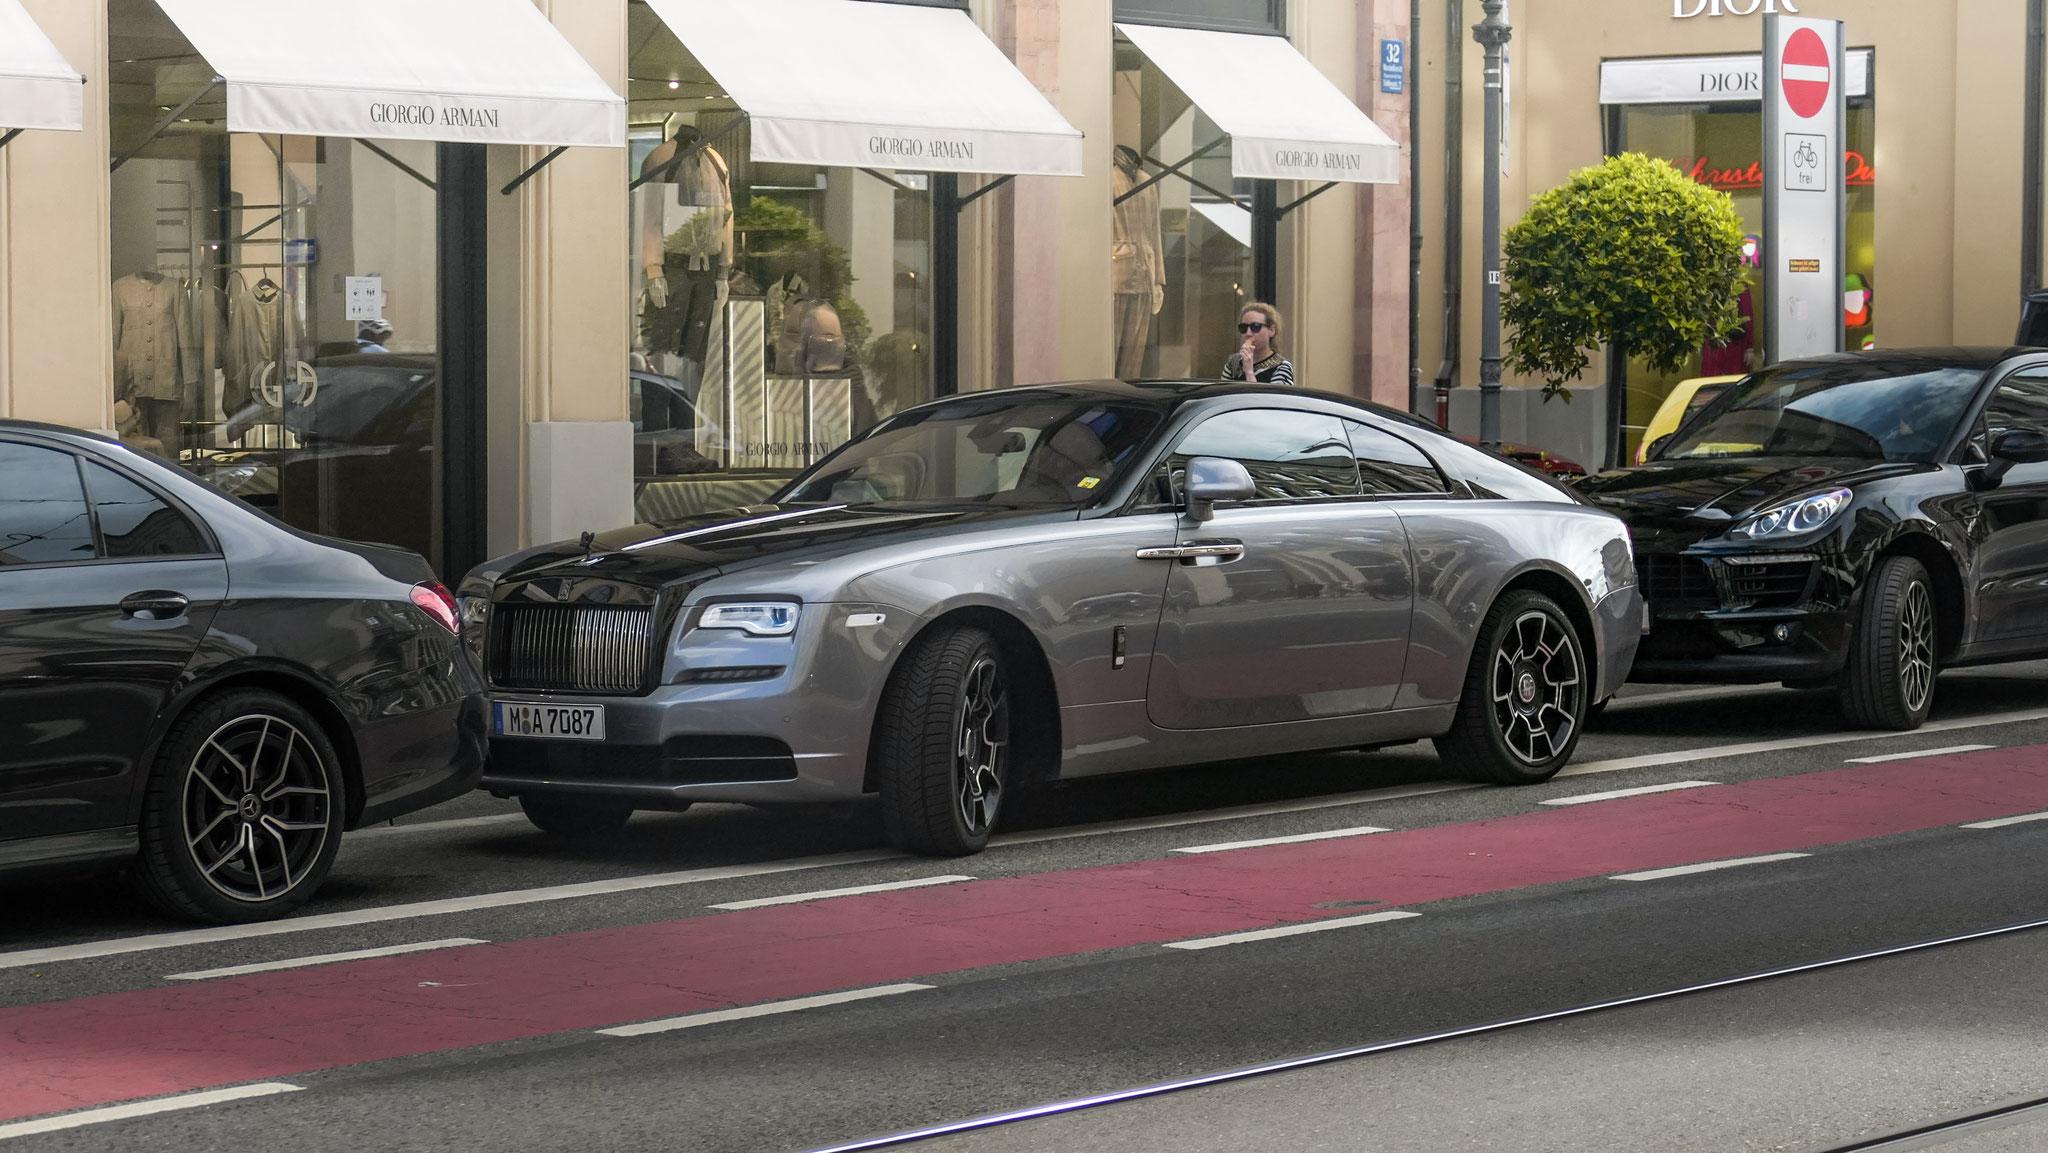 Rolls Royce Wraith - M-A-7087